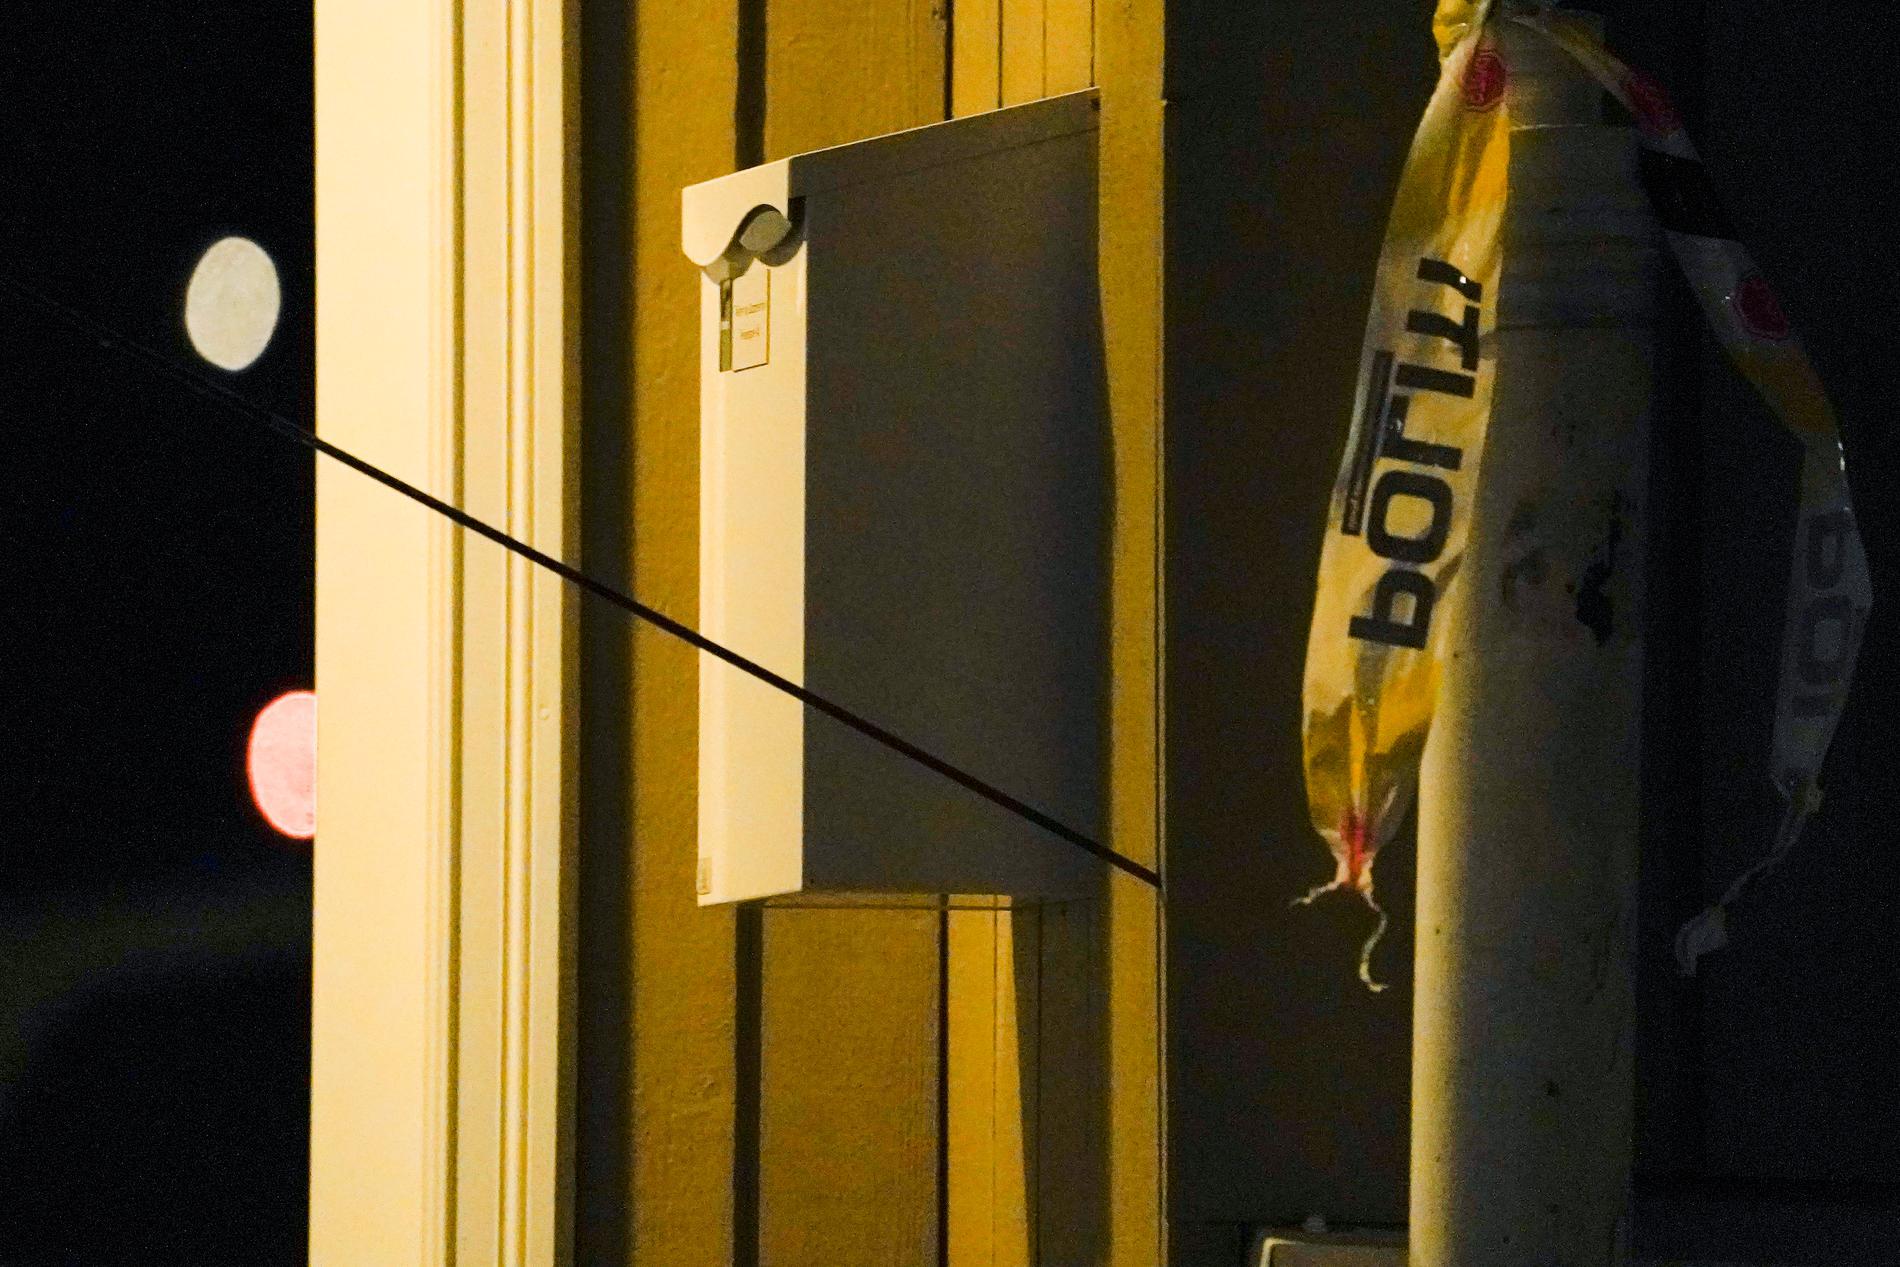 En pil i väggen som den misstänkte gärningsmannen skjutit.